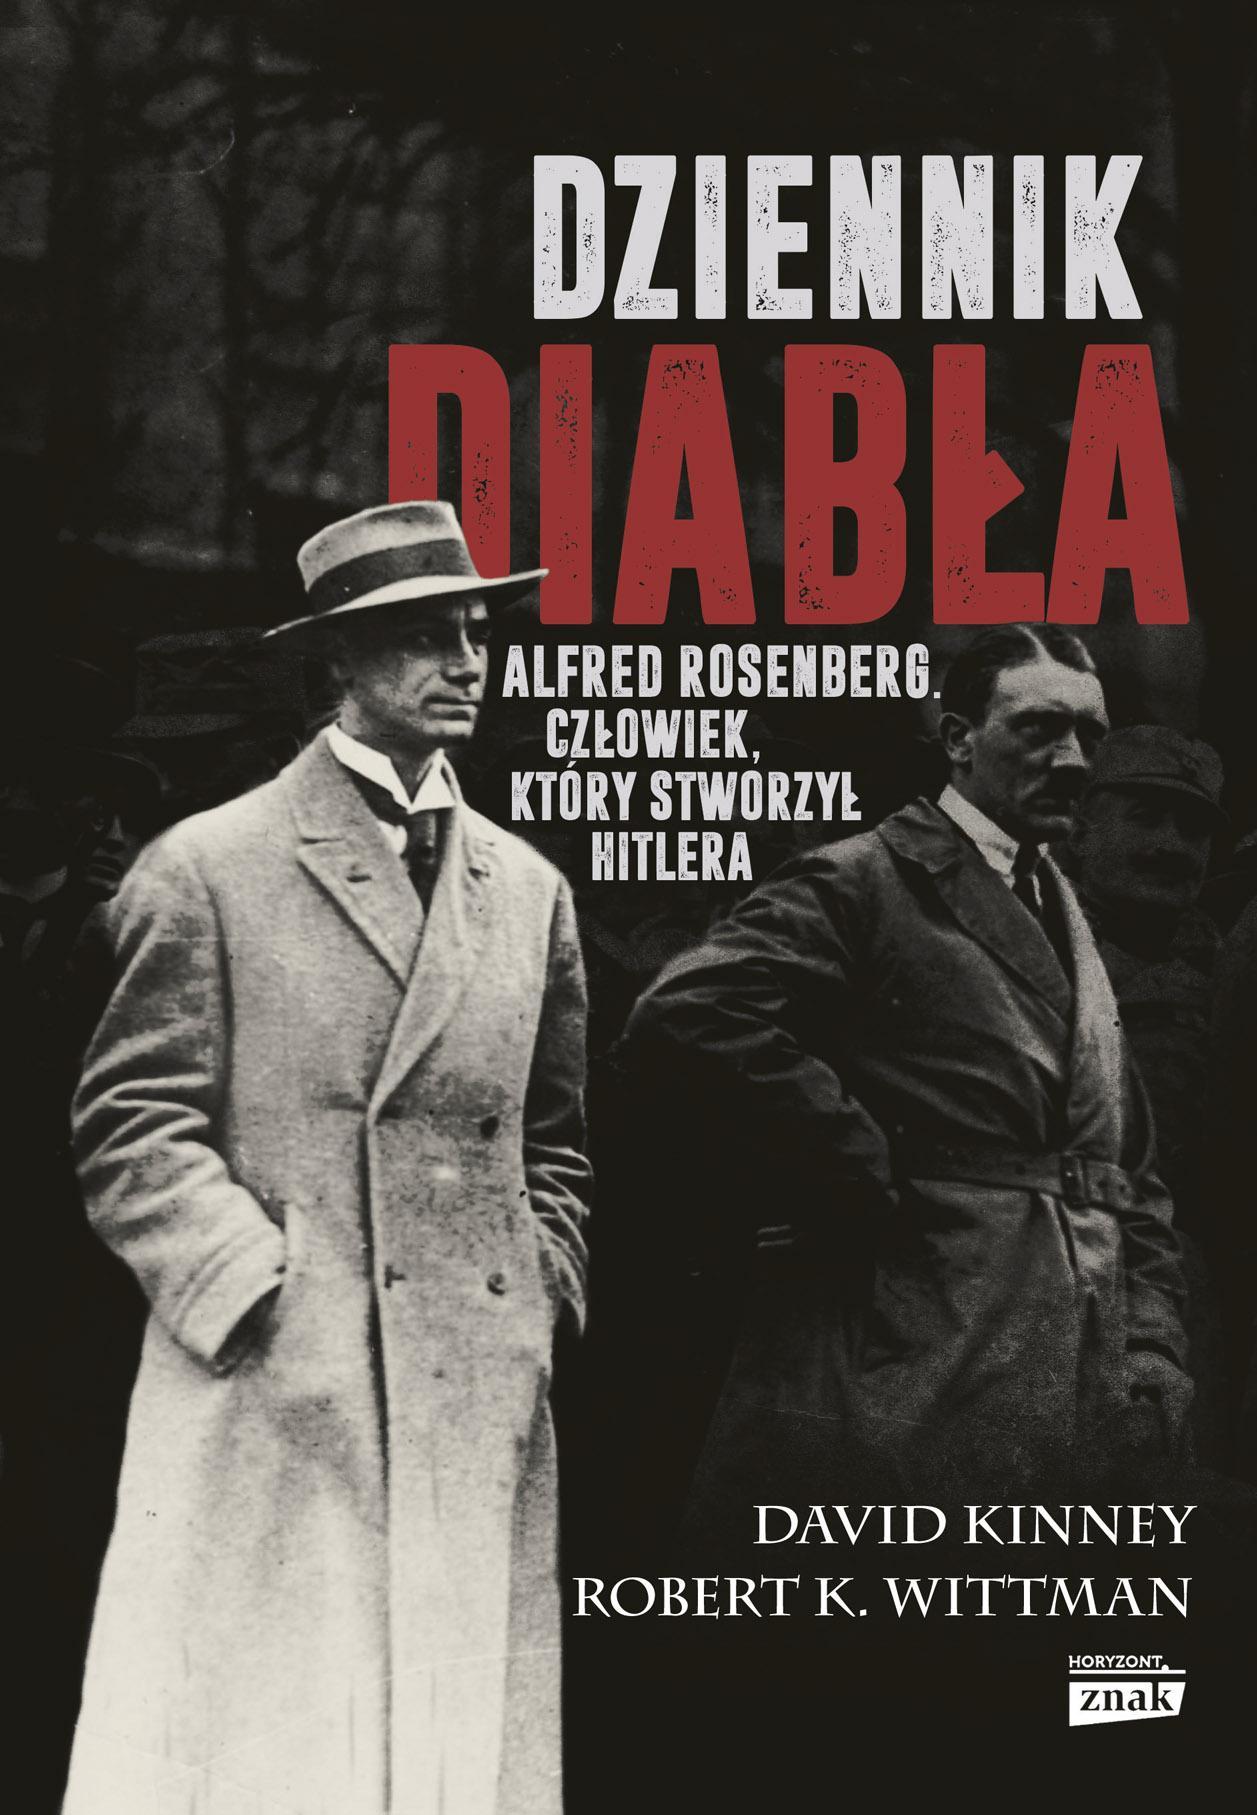 """Artykuł powstał w oparciu o książkę Davida Kinney'a i Roberta Wittmana """"Dziennik diabła"""", wydaną nakładem wydawnictwa Znak Horyzont."""